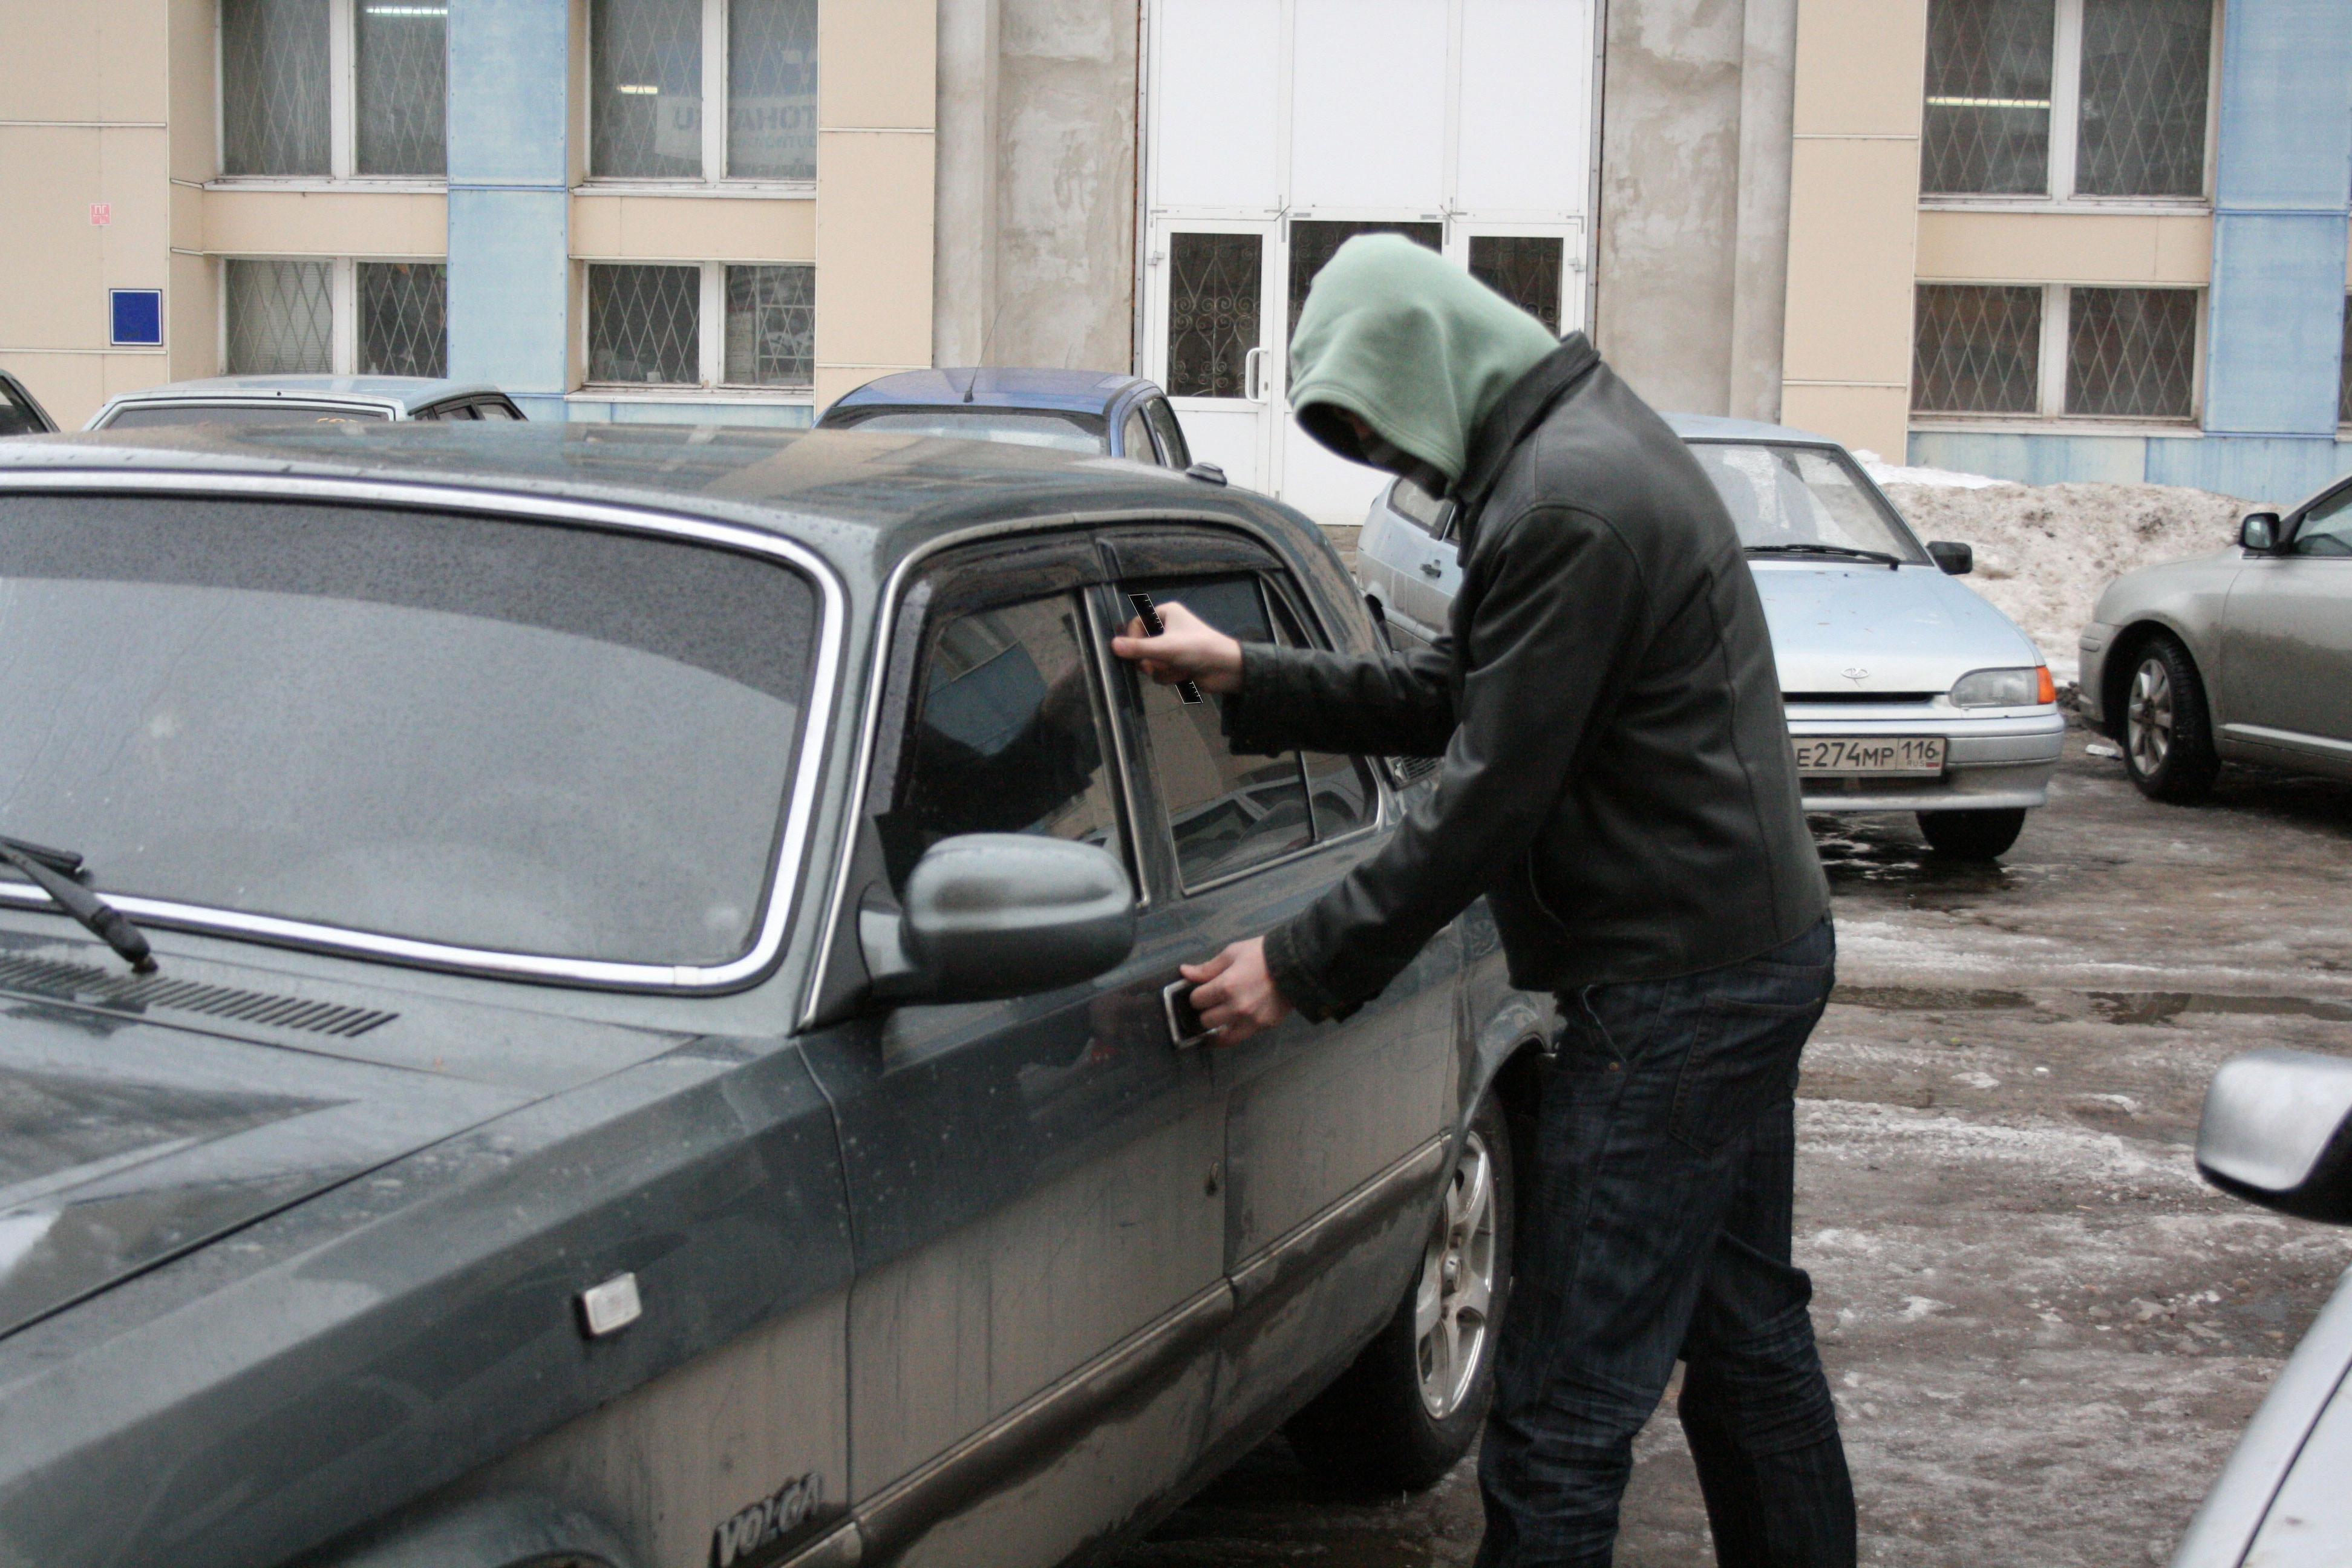 Дерзкие парни угнали чужой автомобиль вРостове прямо спарковки